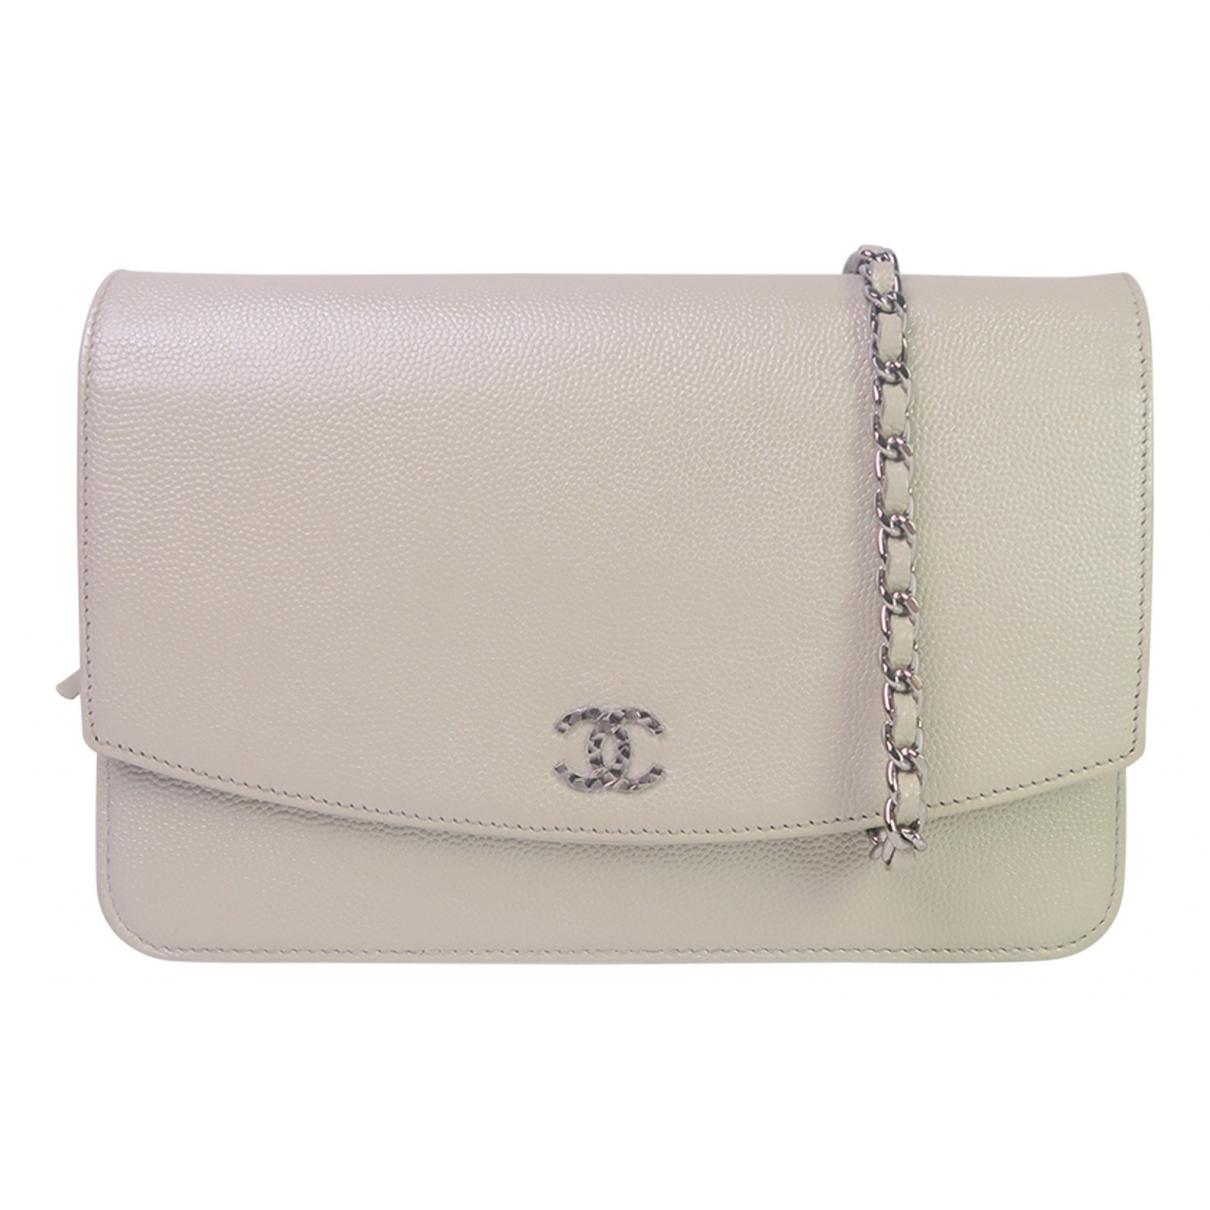 Chanel Wallet on Chain Clutch in  Beige Leder